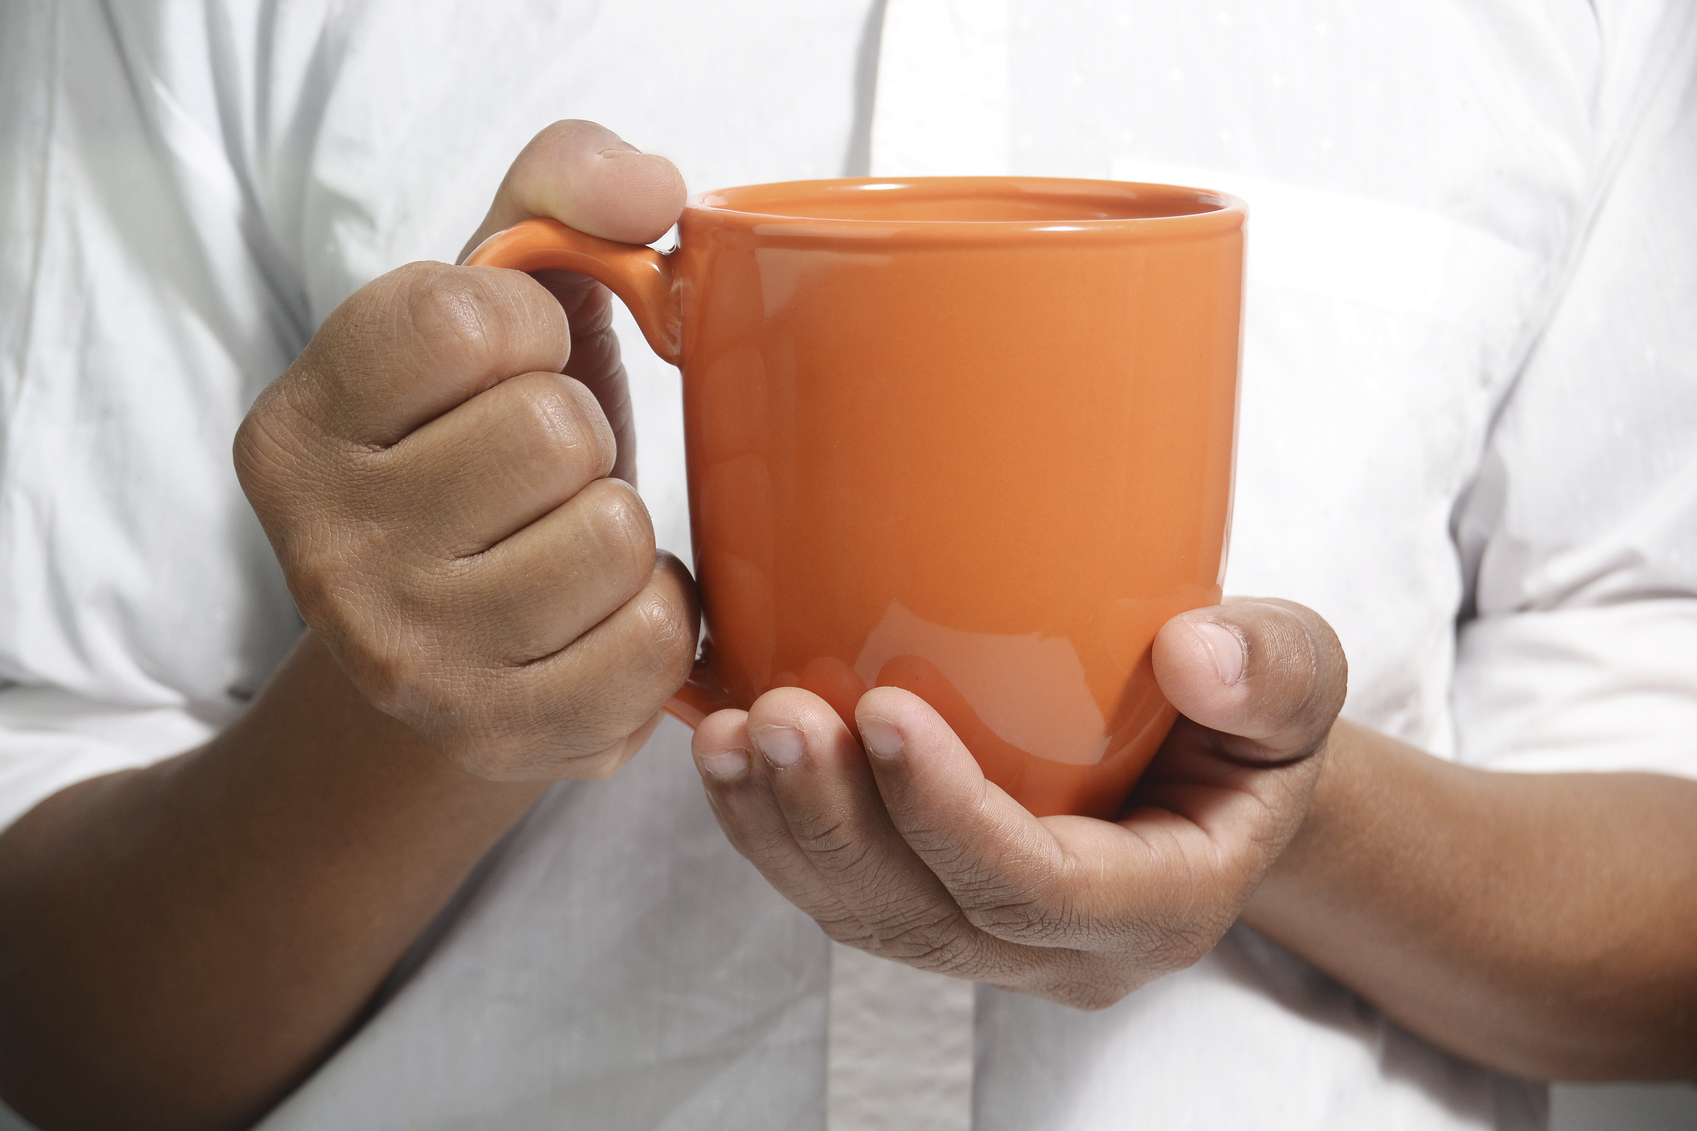 mug holding